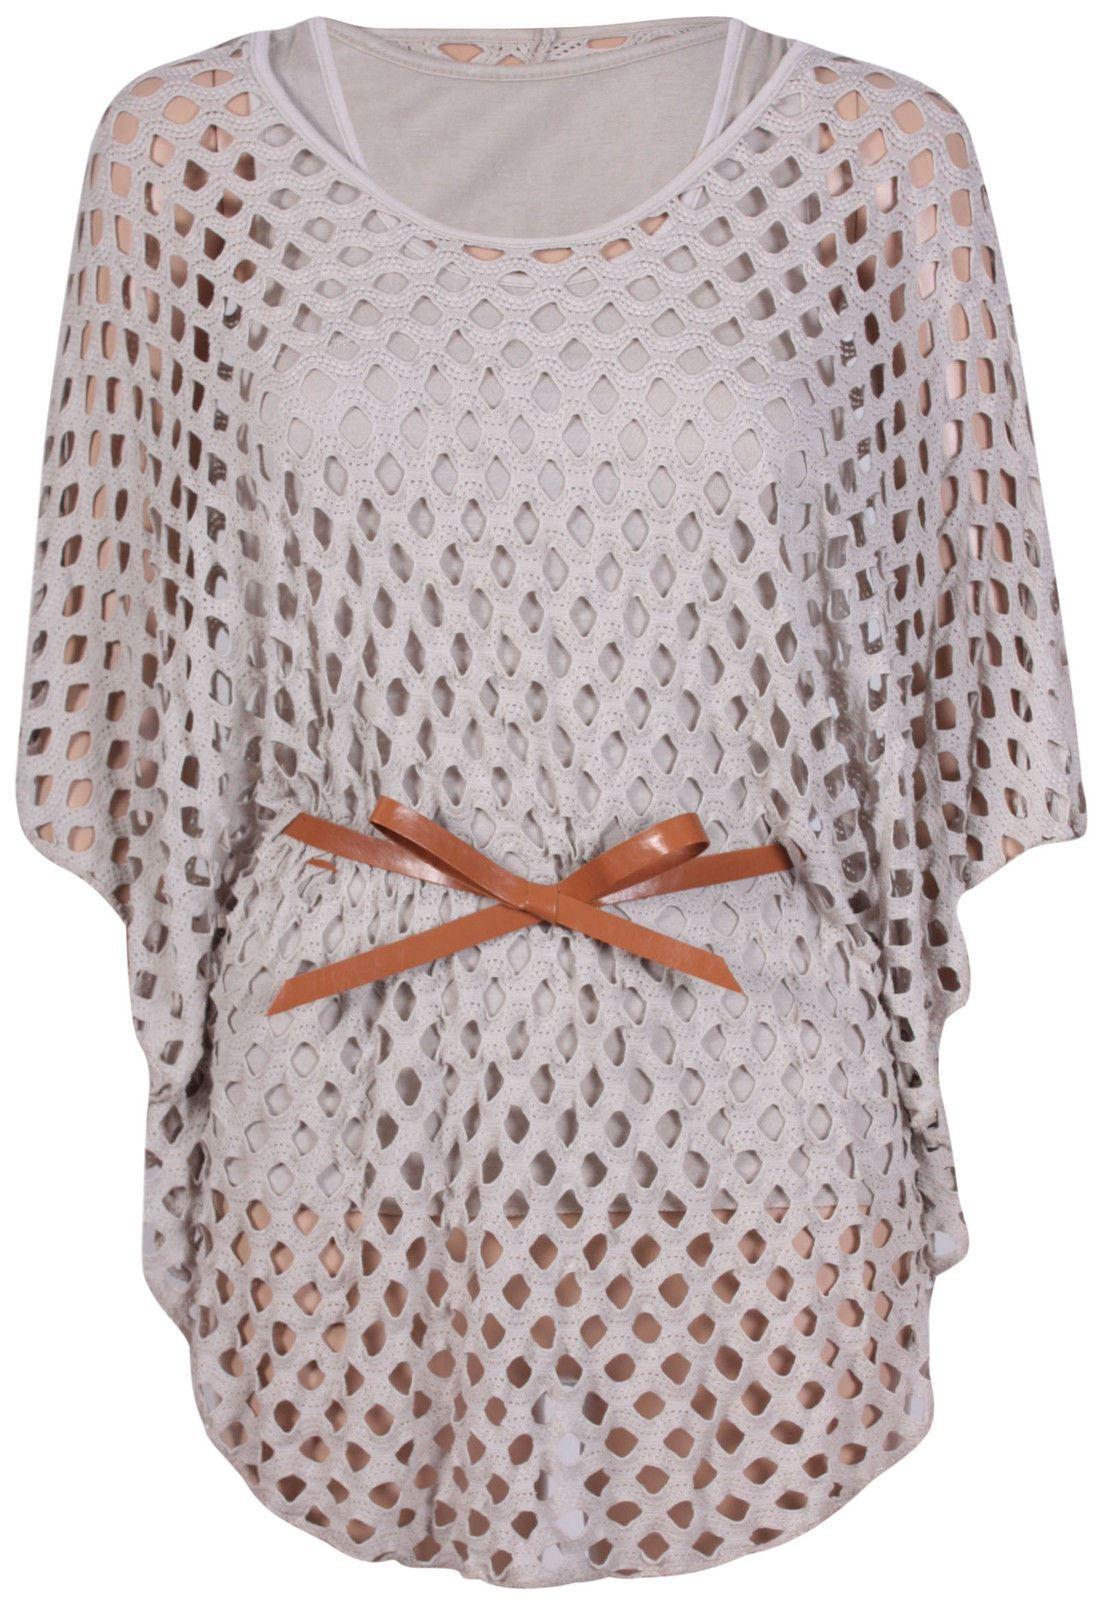 Nouveau-Femme-Taille-Plus-chauve-souris-Manches-Crochet-Ceinture-Cravate-Maille-Debardeur-12-26 miniature 5